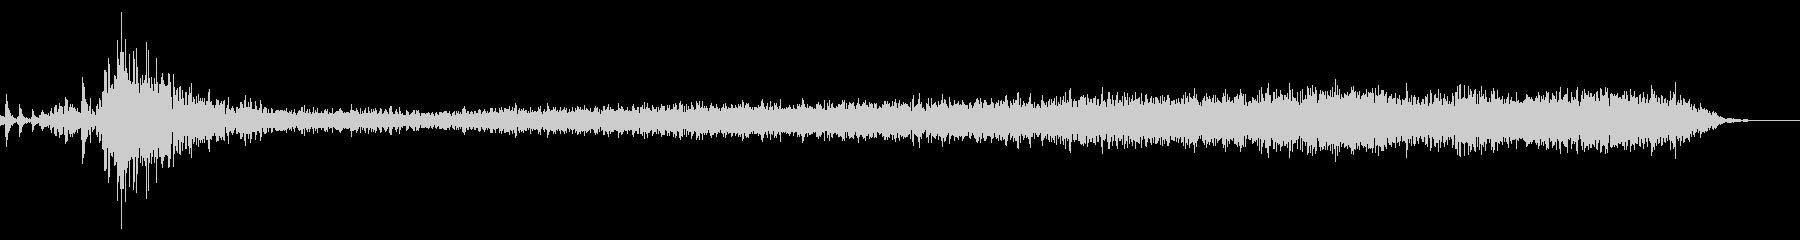 ウィーーン(発進音、中)の未再生の波形